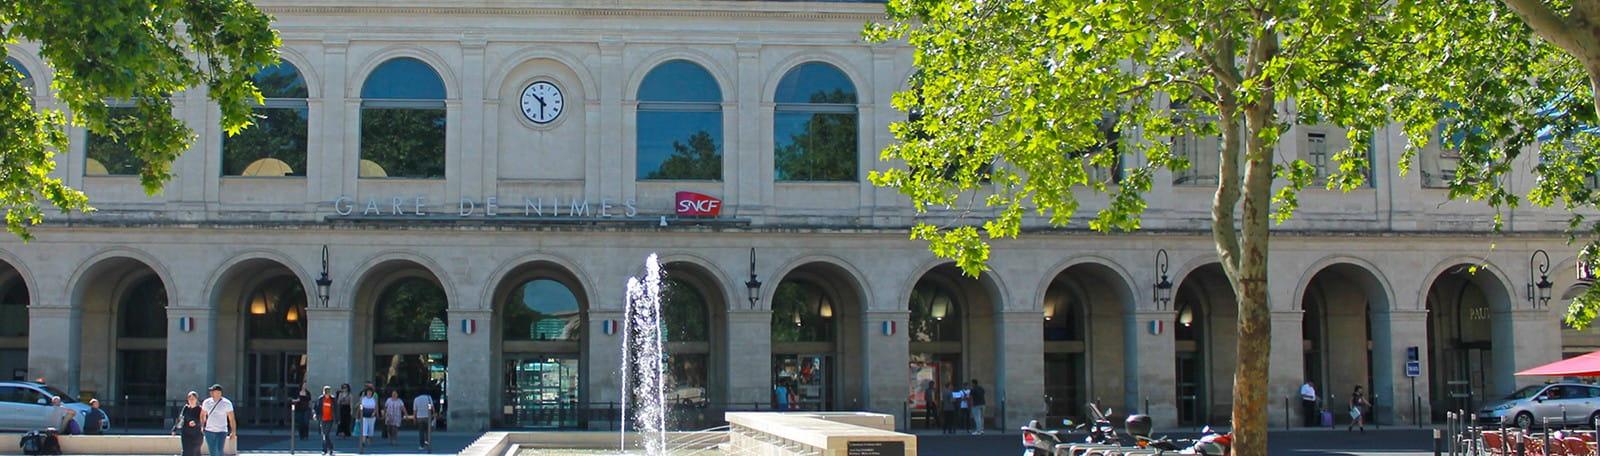 Q-Park Feucheres train station